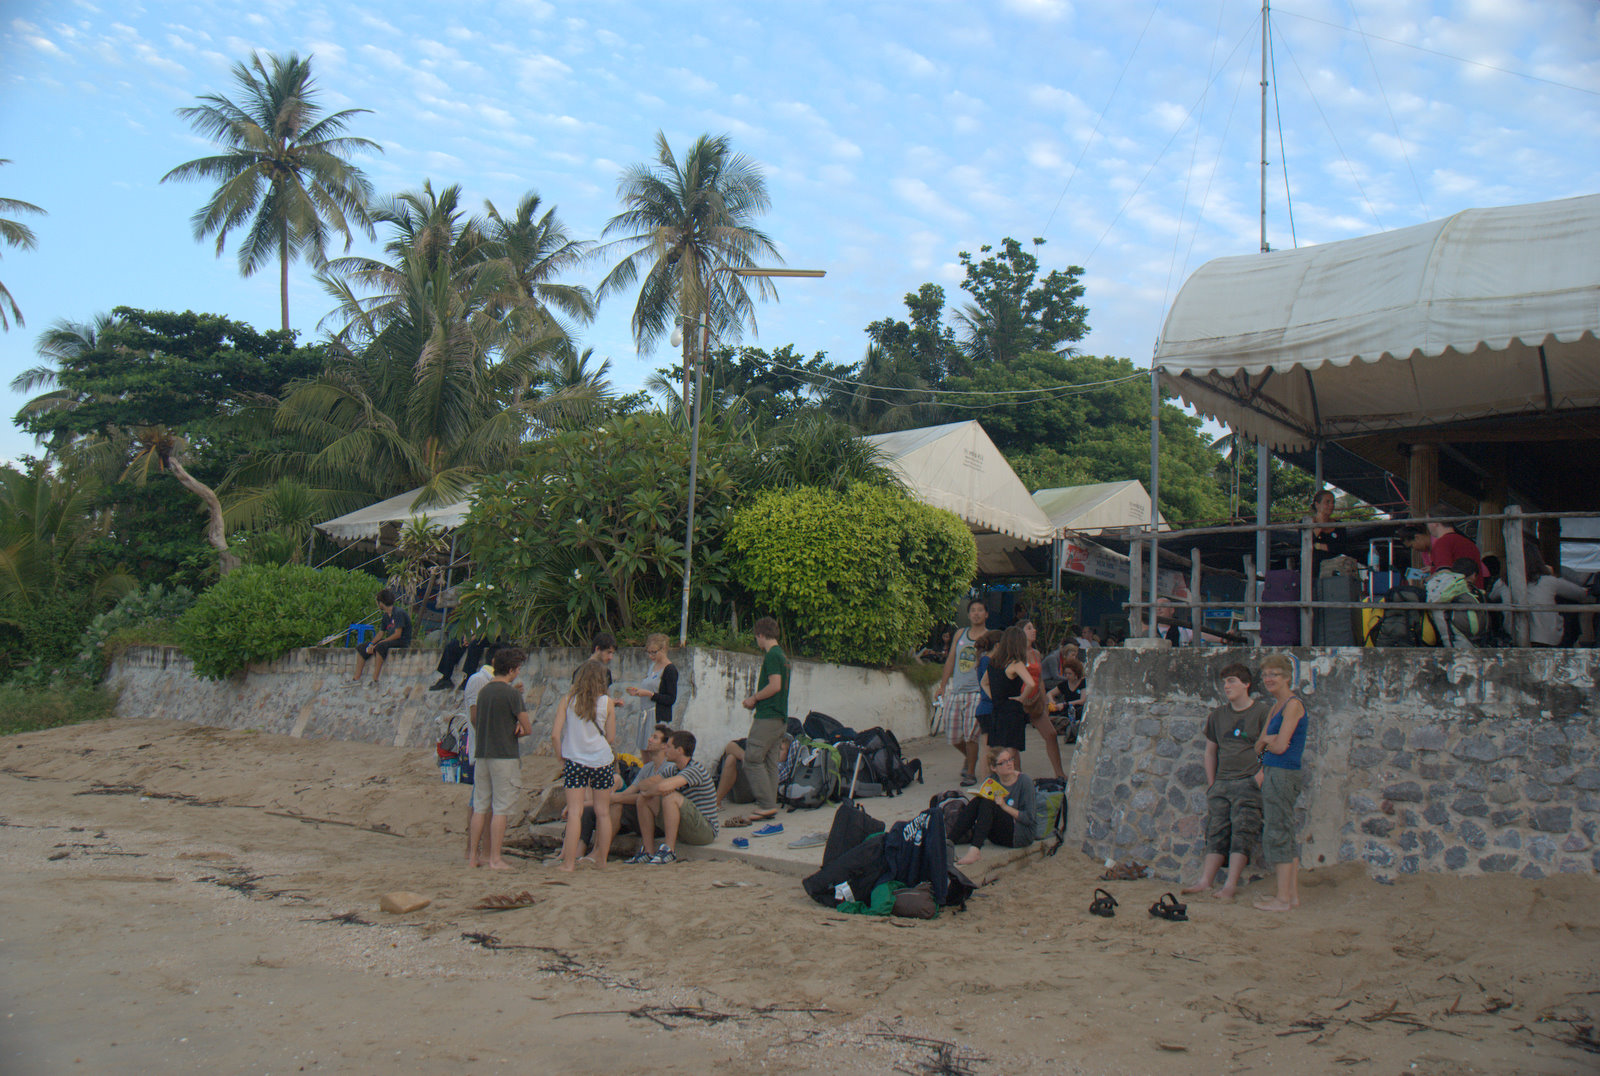 Trzy rajskie wyspy, pierwszy snorkeling i... 2